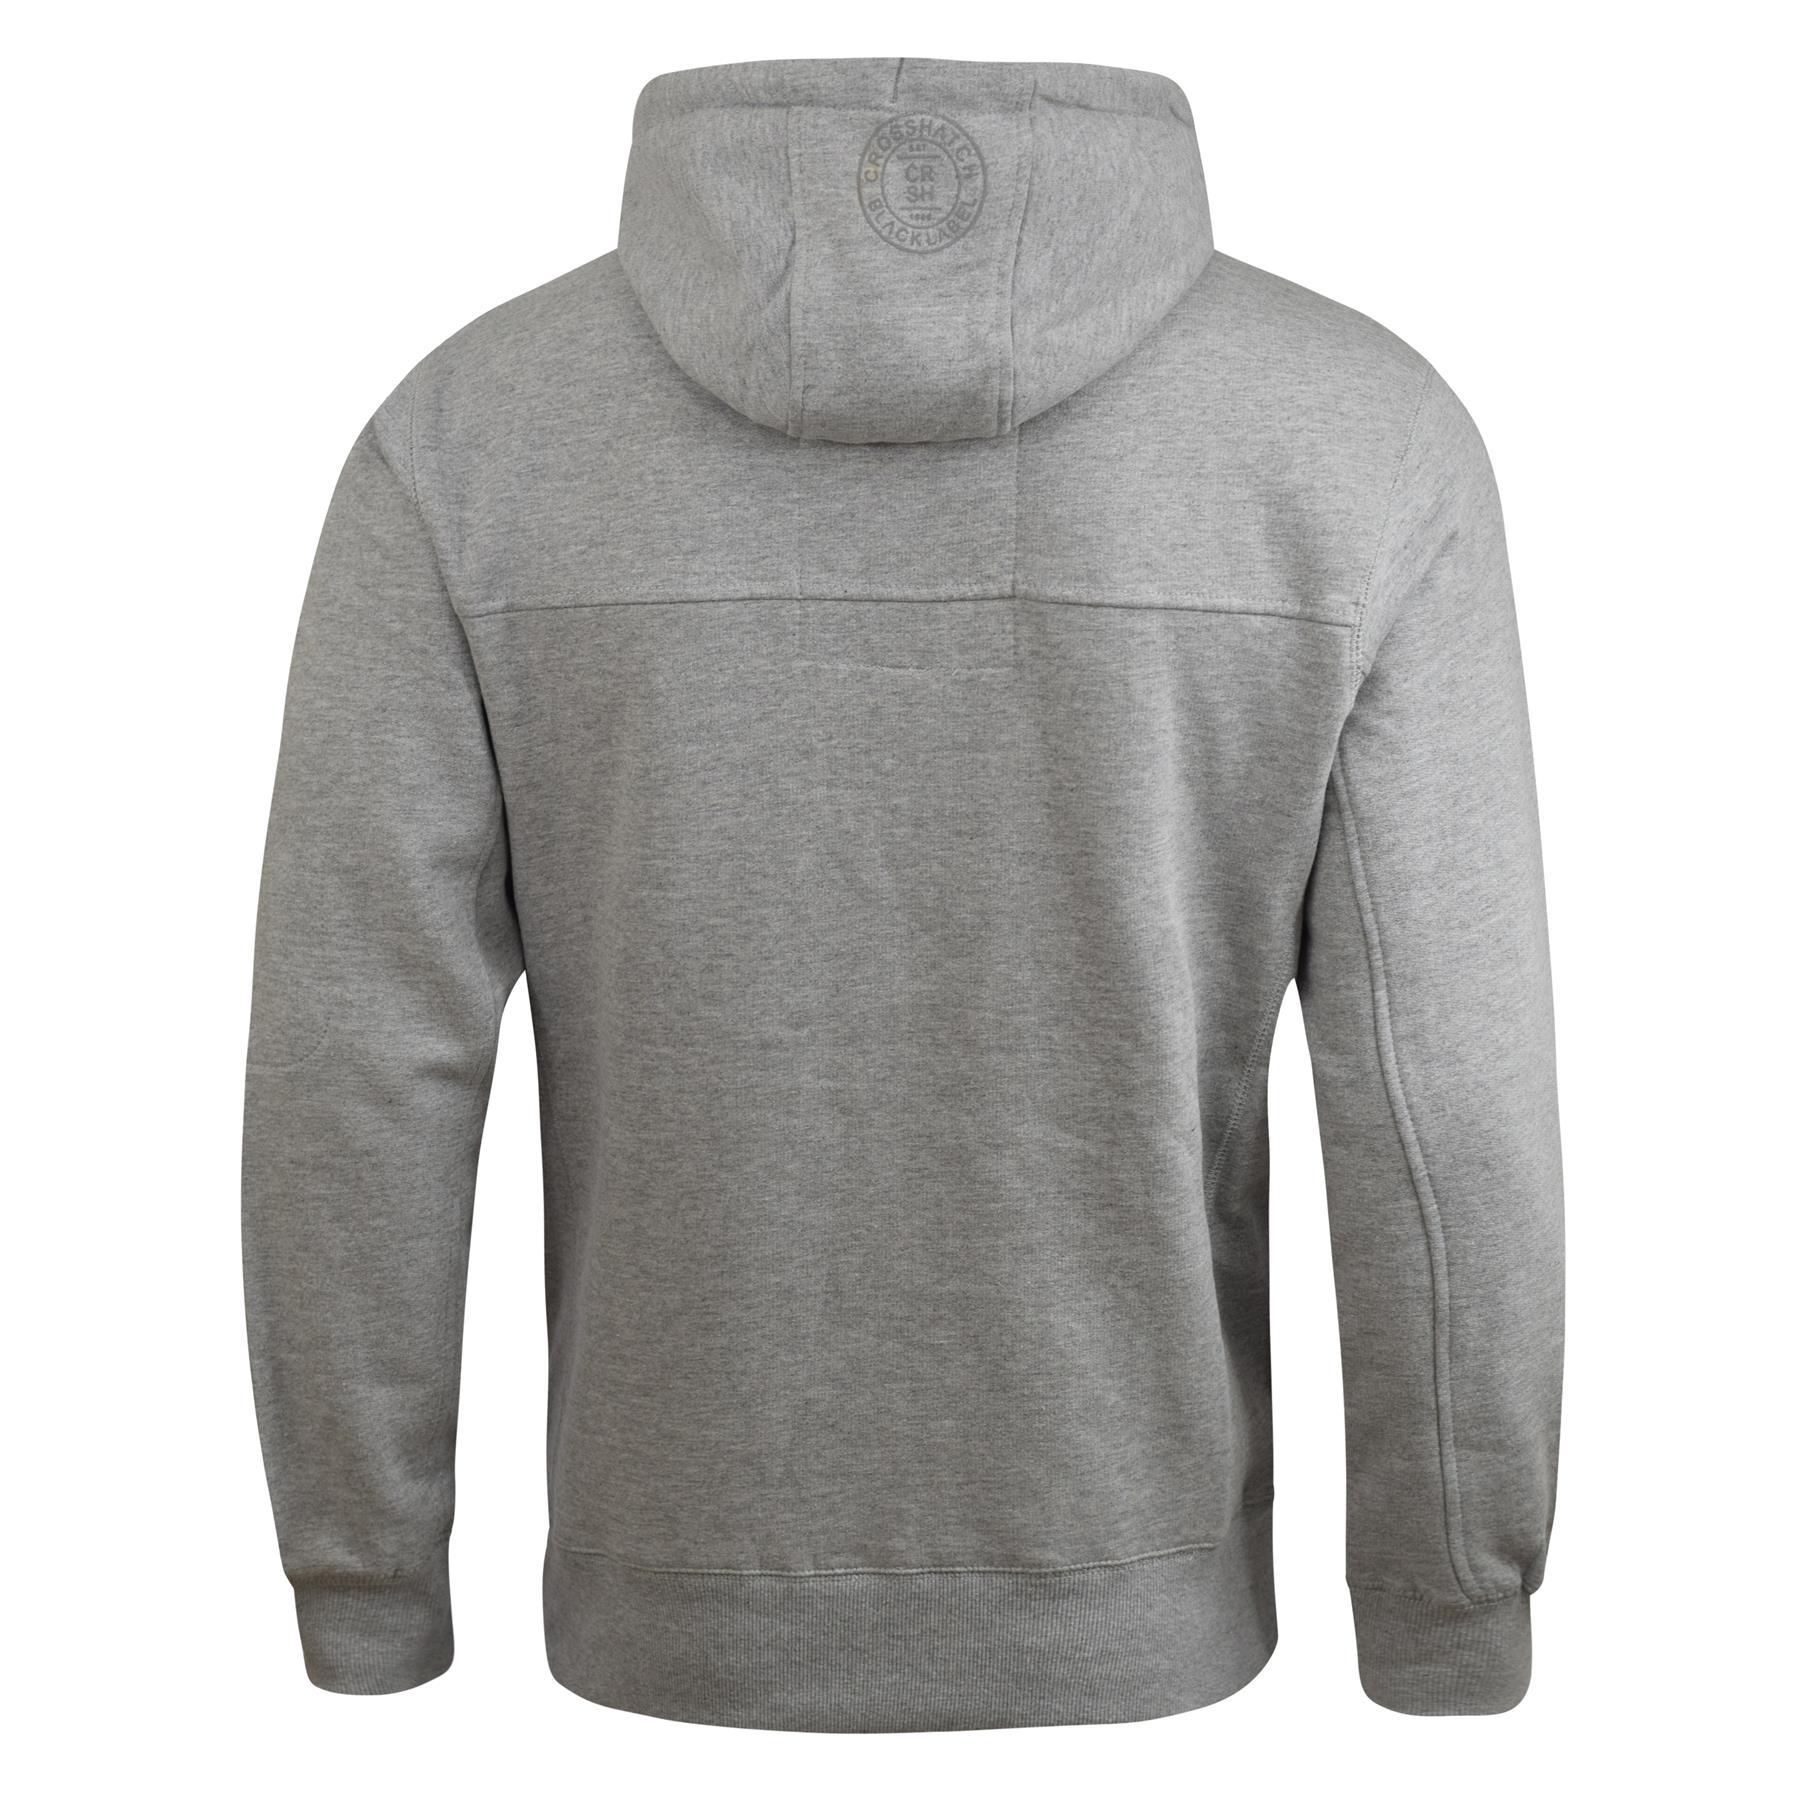 Mens-Hoodie-Crosshatch-Cravy-Sweatshirt-Hooded-Top thumbnail 7